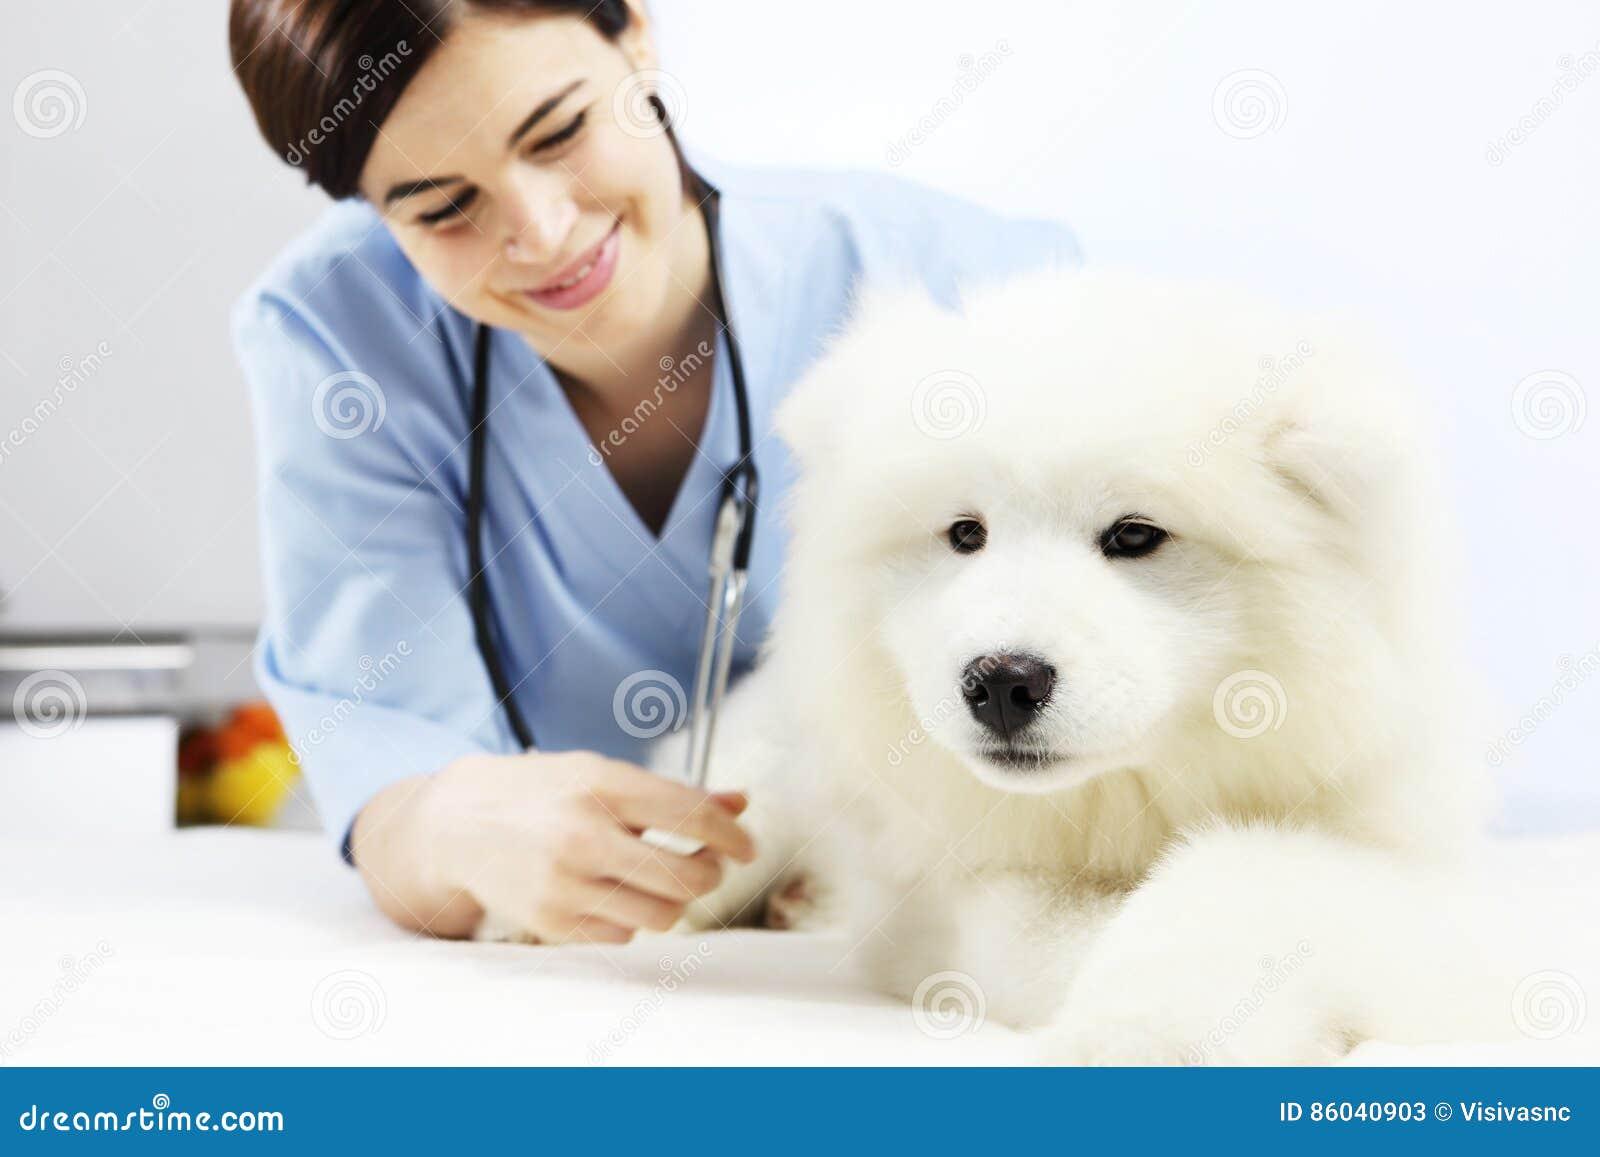 Lächelnder Untersuchungshund des Tierarztes auf Tabelle in der Tierarztklinik